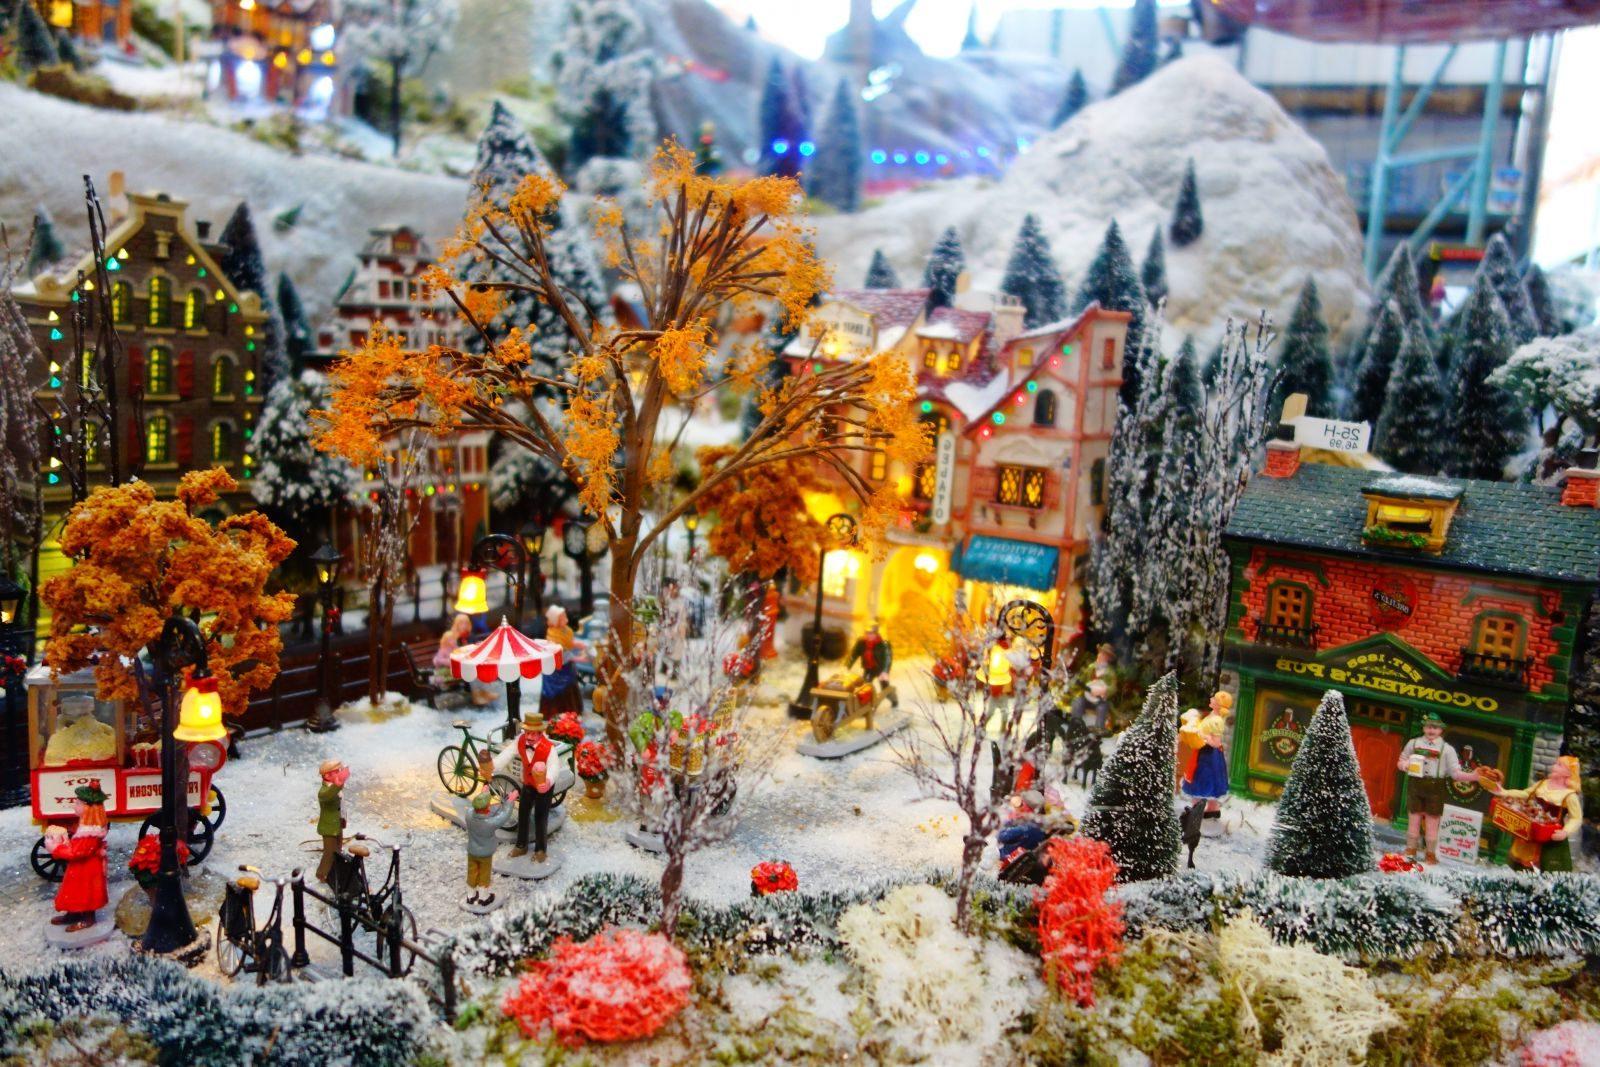 kerstmarkt e1606480300871 - kerstmarkt